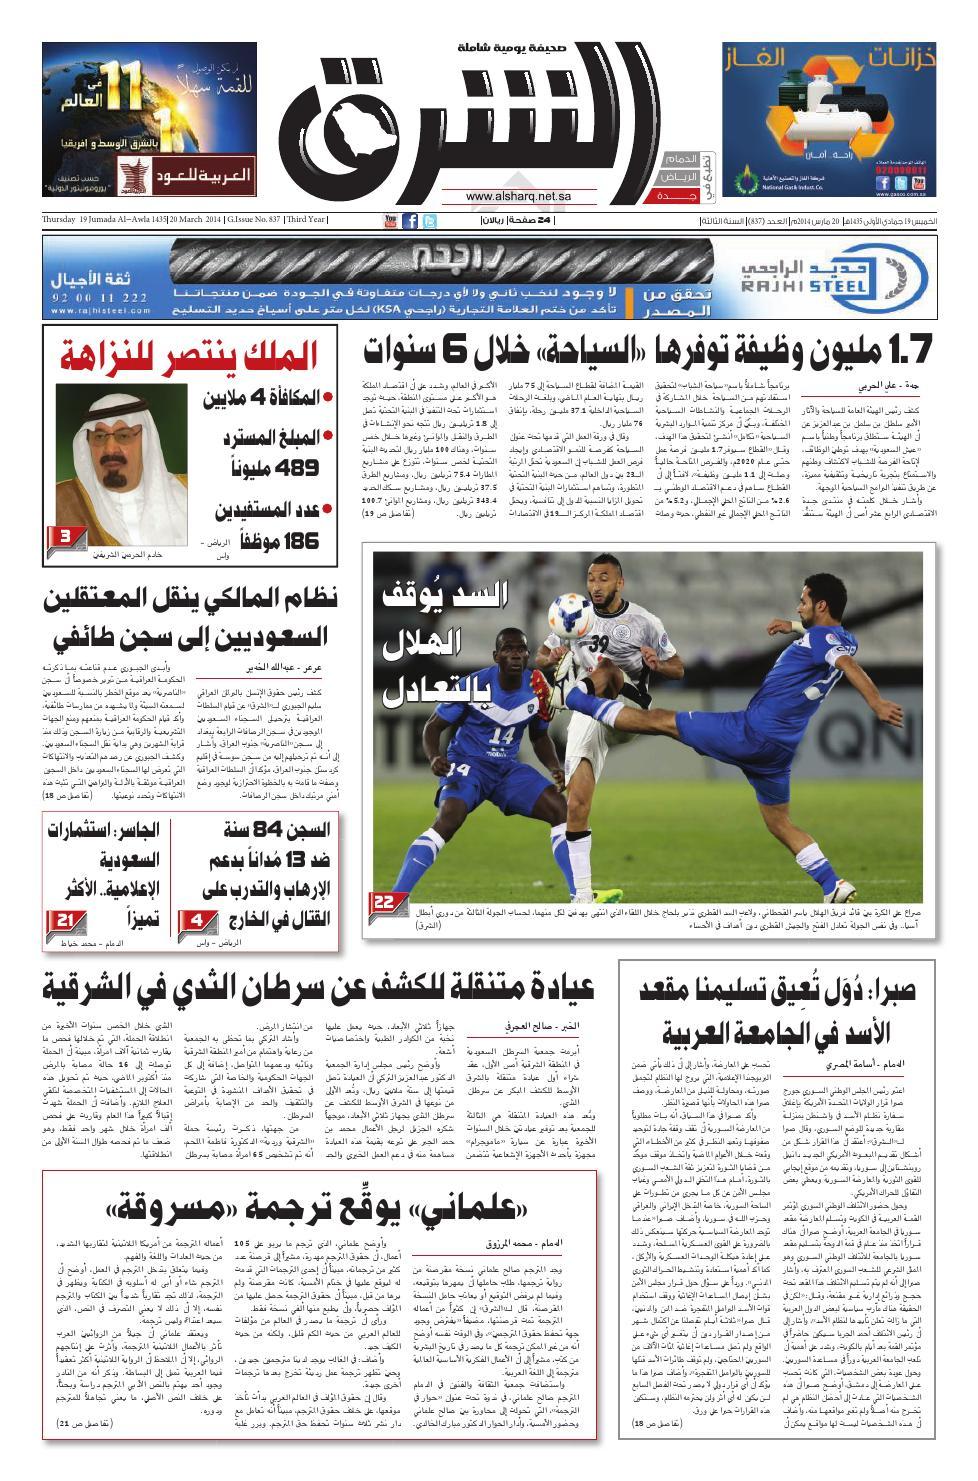 5a6e43b1c صحيفة الشرق - العدد 837 - نسخة جدة by صحيفة الشرق السعودية - issuu